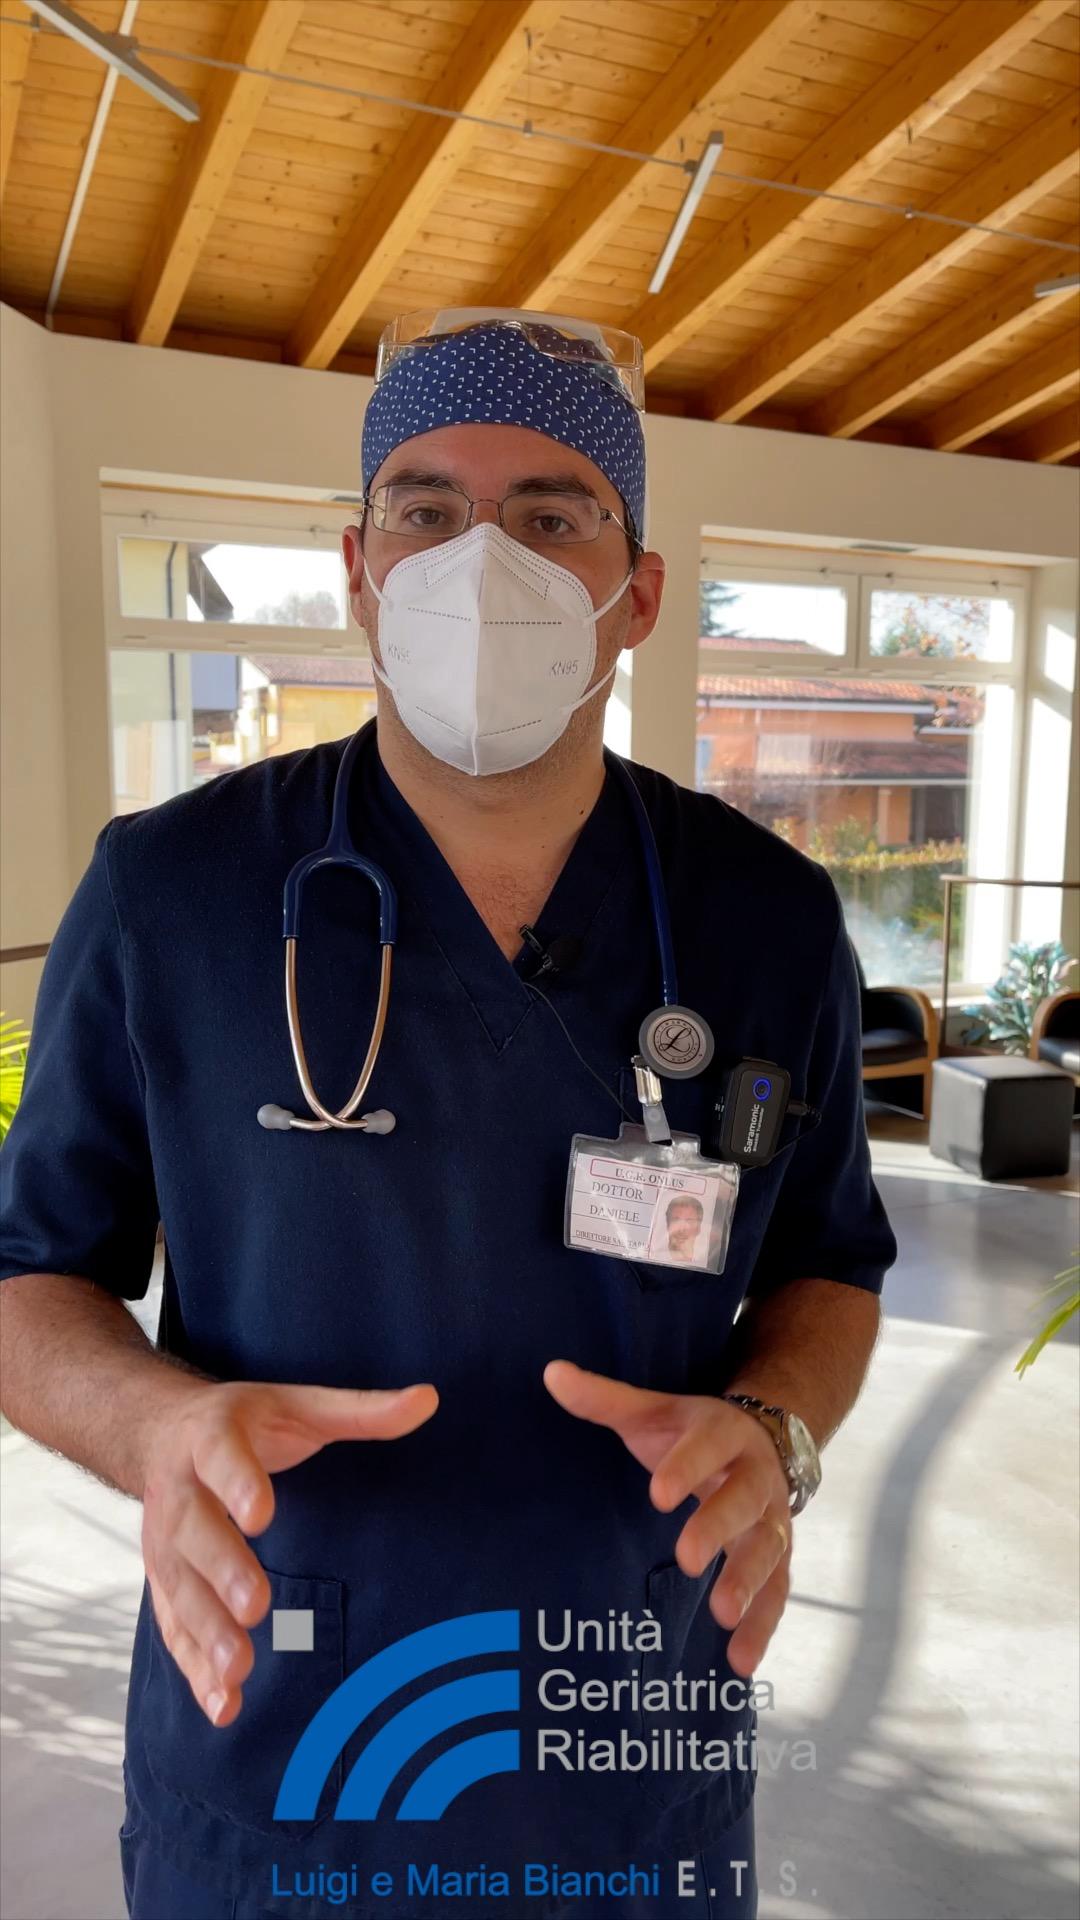 UGR e.t.s., 1 dicembre 2020, stato dell'arte in struttura e novità con la consueta professionalità del Direttore Sanitario Dr. Daniele Costa